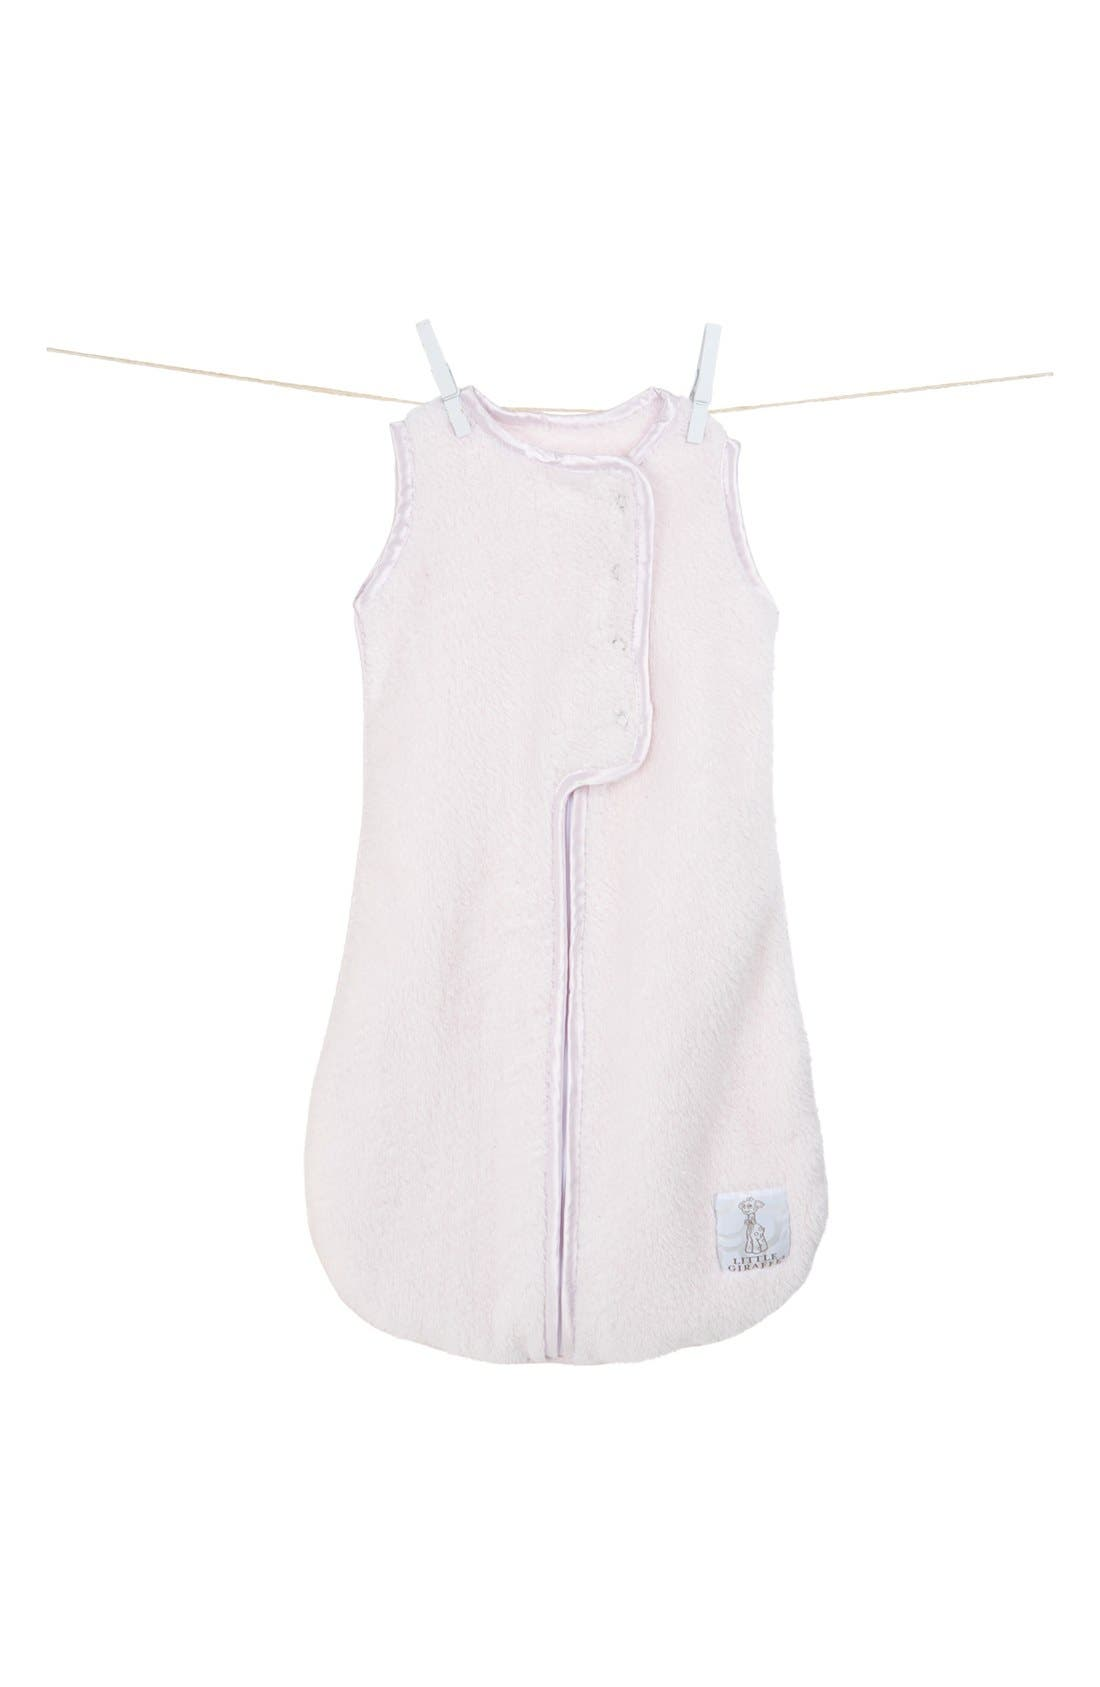 Alternate Image 2  - Little Giraffe 'Dream Sack™' Chenille Wearable Blanket (Baby) (Online Only)